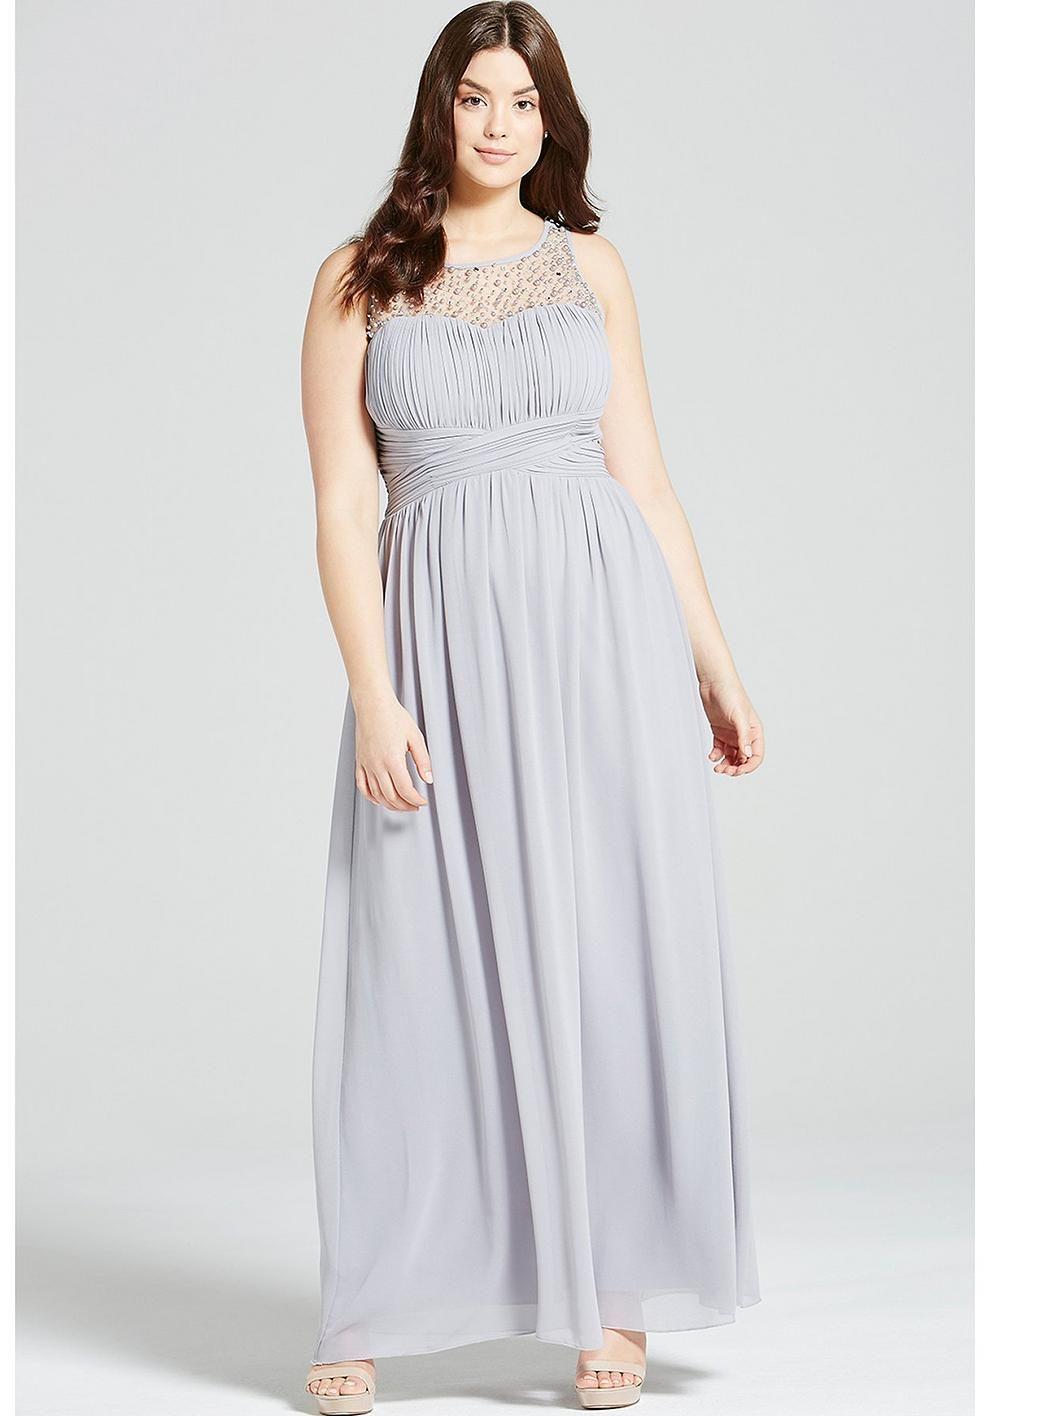 Littlewoods dresses for weddings  Little Mistress Curve Embellished Maxi Dress  Grey